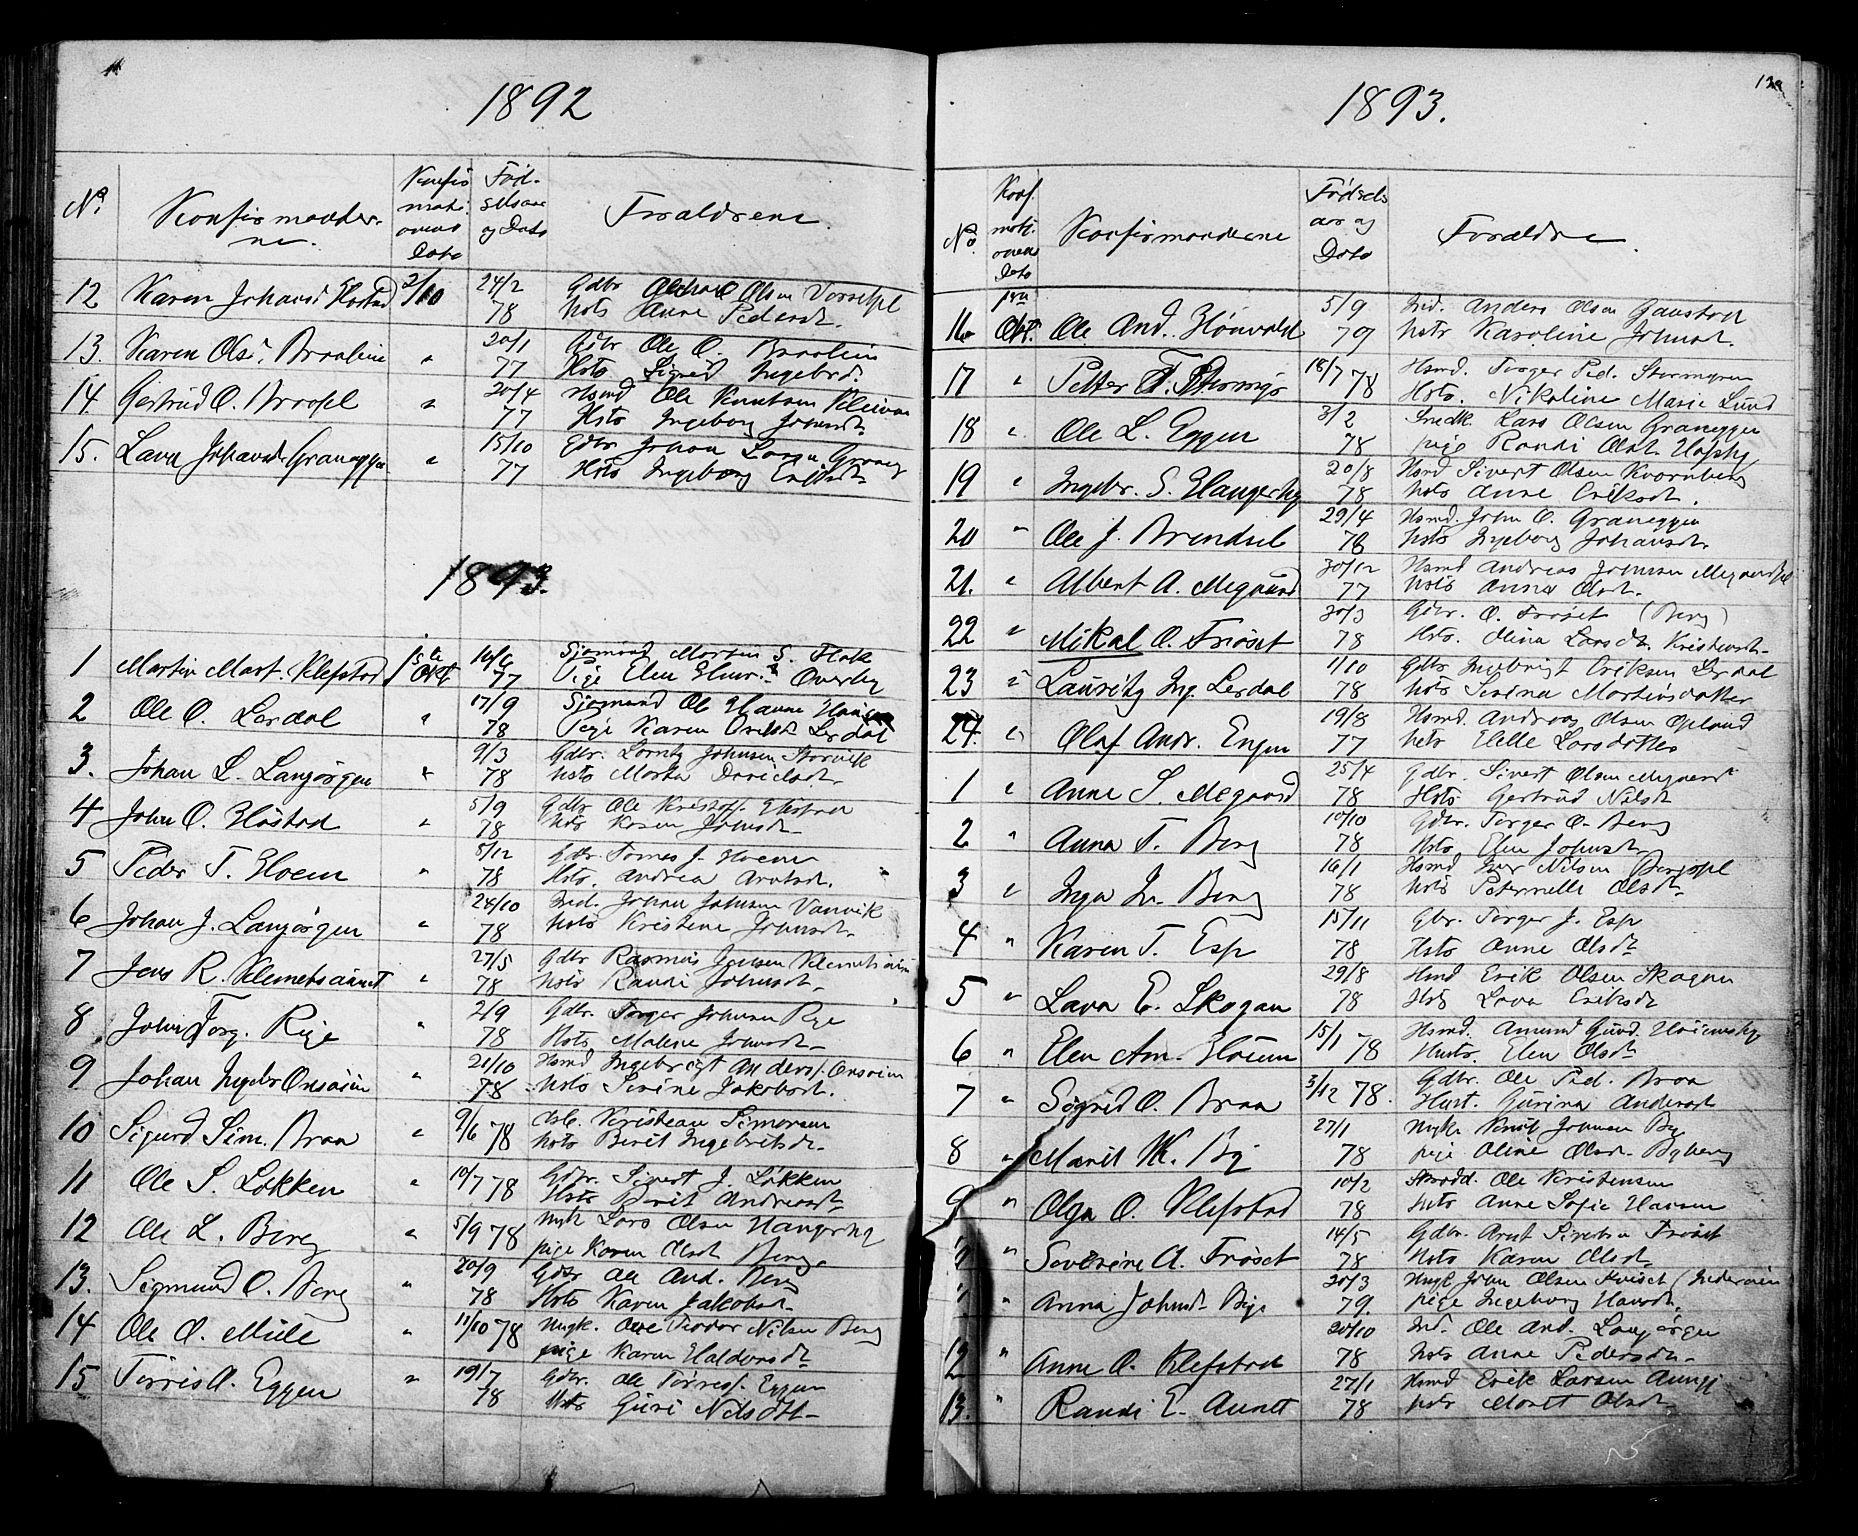 SAT, Ministerialprotokoller, klokkerbøker og fødselsregistre - Sør-Trøndelag, 612/L0387: Klokkerbok nr. 612C03, 1874-1908, s. 130